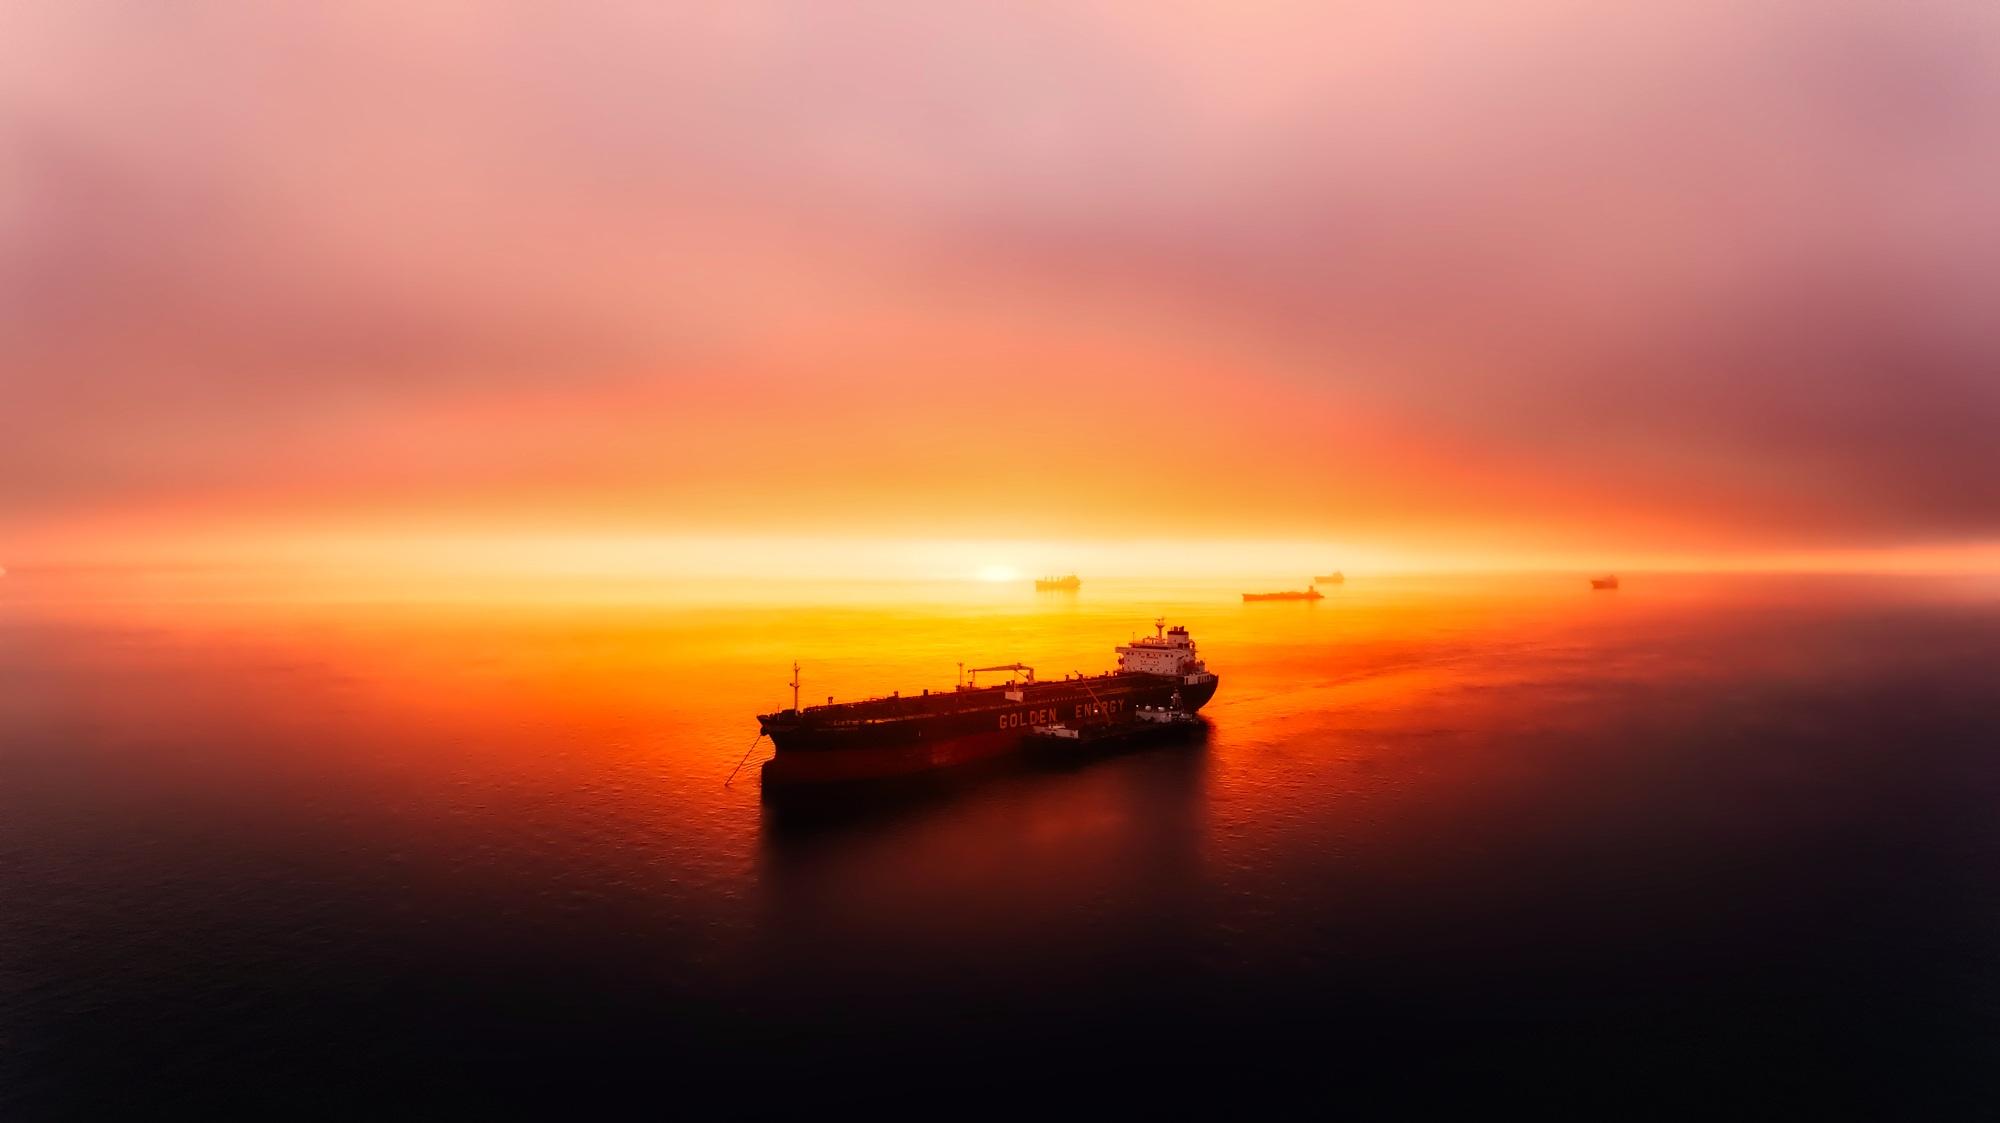 Oil Tanker Ship Sunset Ocean 2000x1123